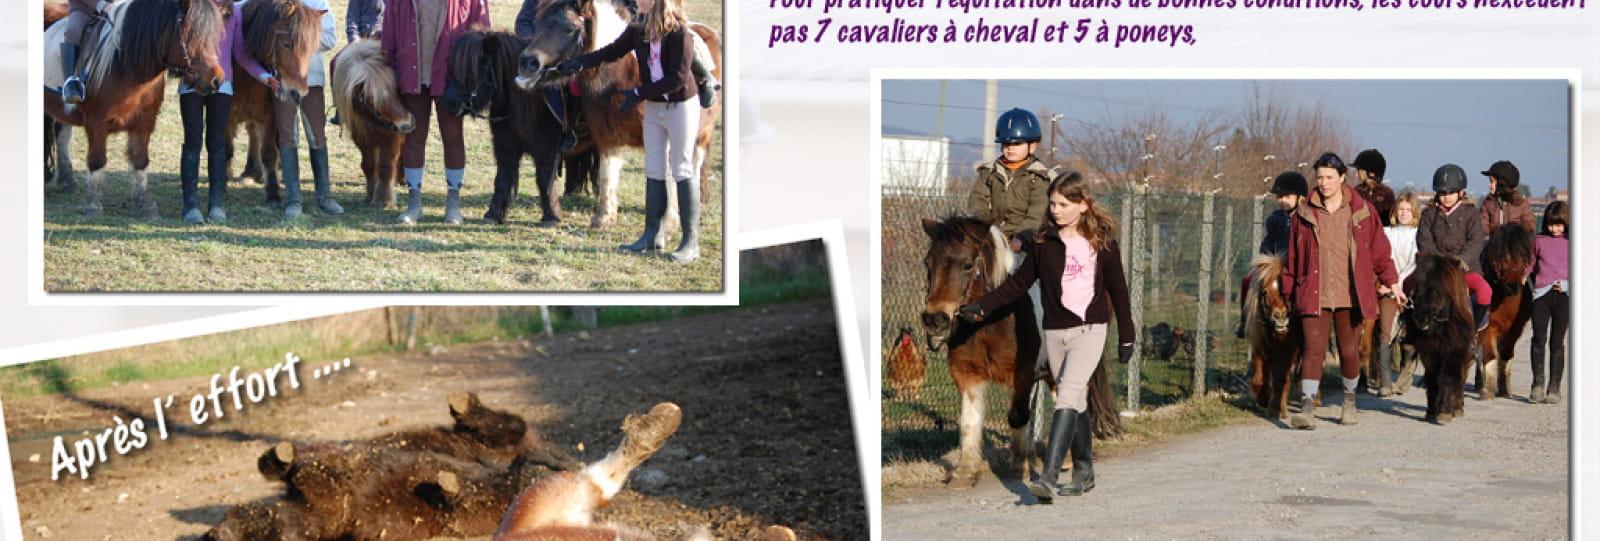 Enseignement chevaux et poneys au Centre Equestre des Chasses